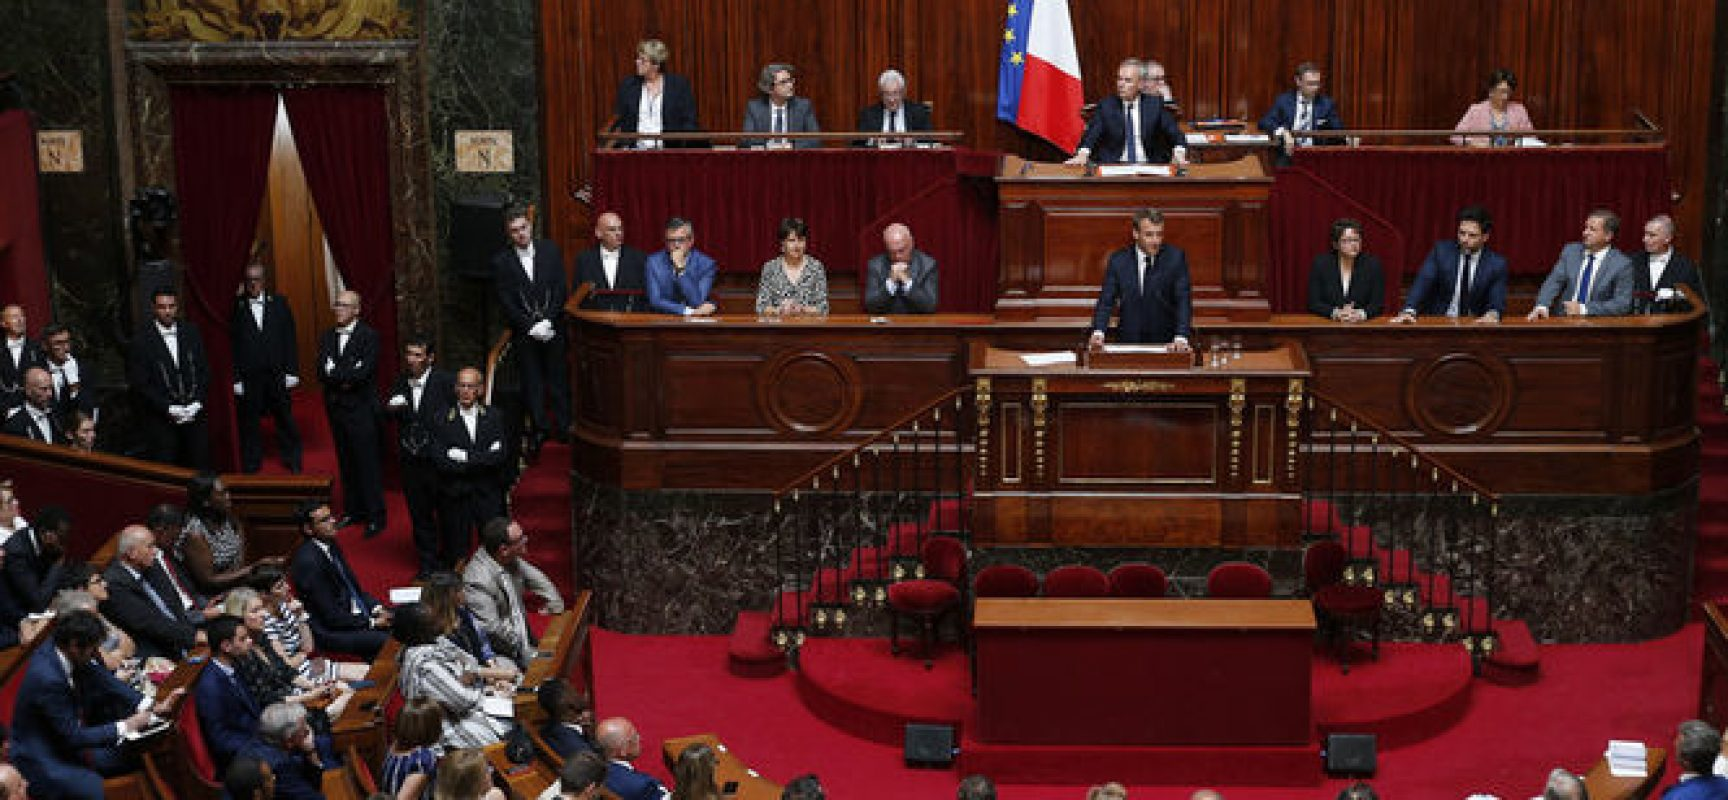 Francja uchwaliła przepisy przeciwko fake newsom